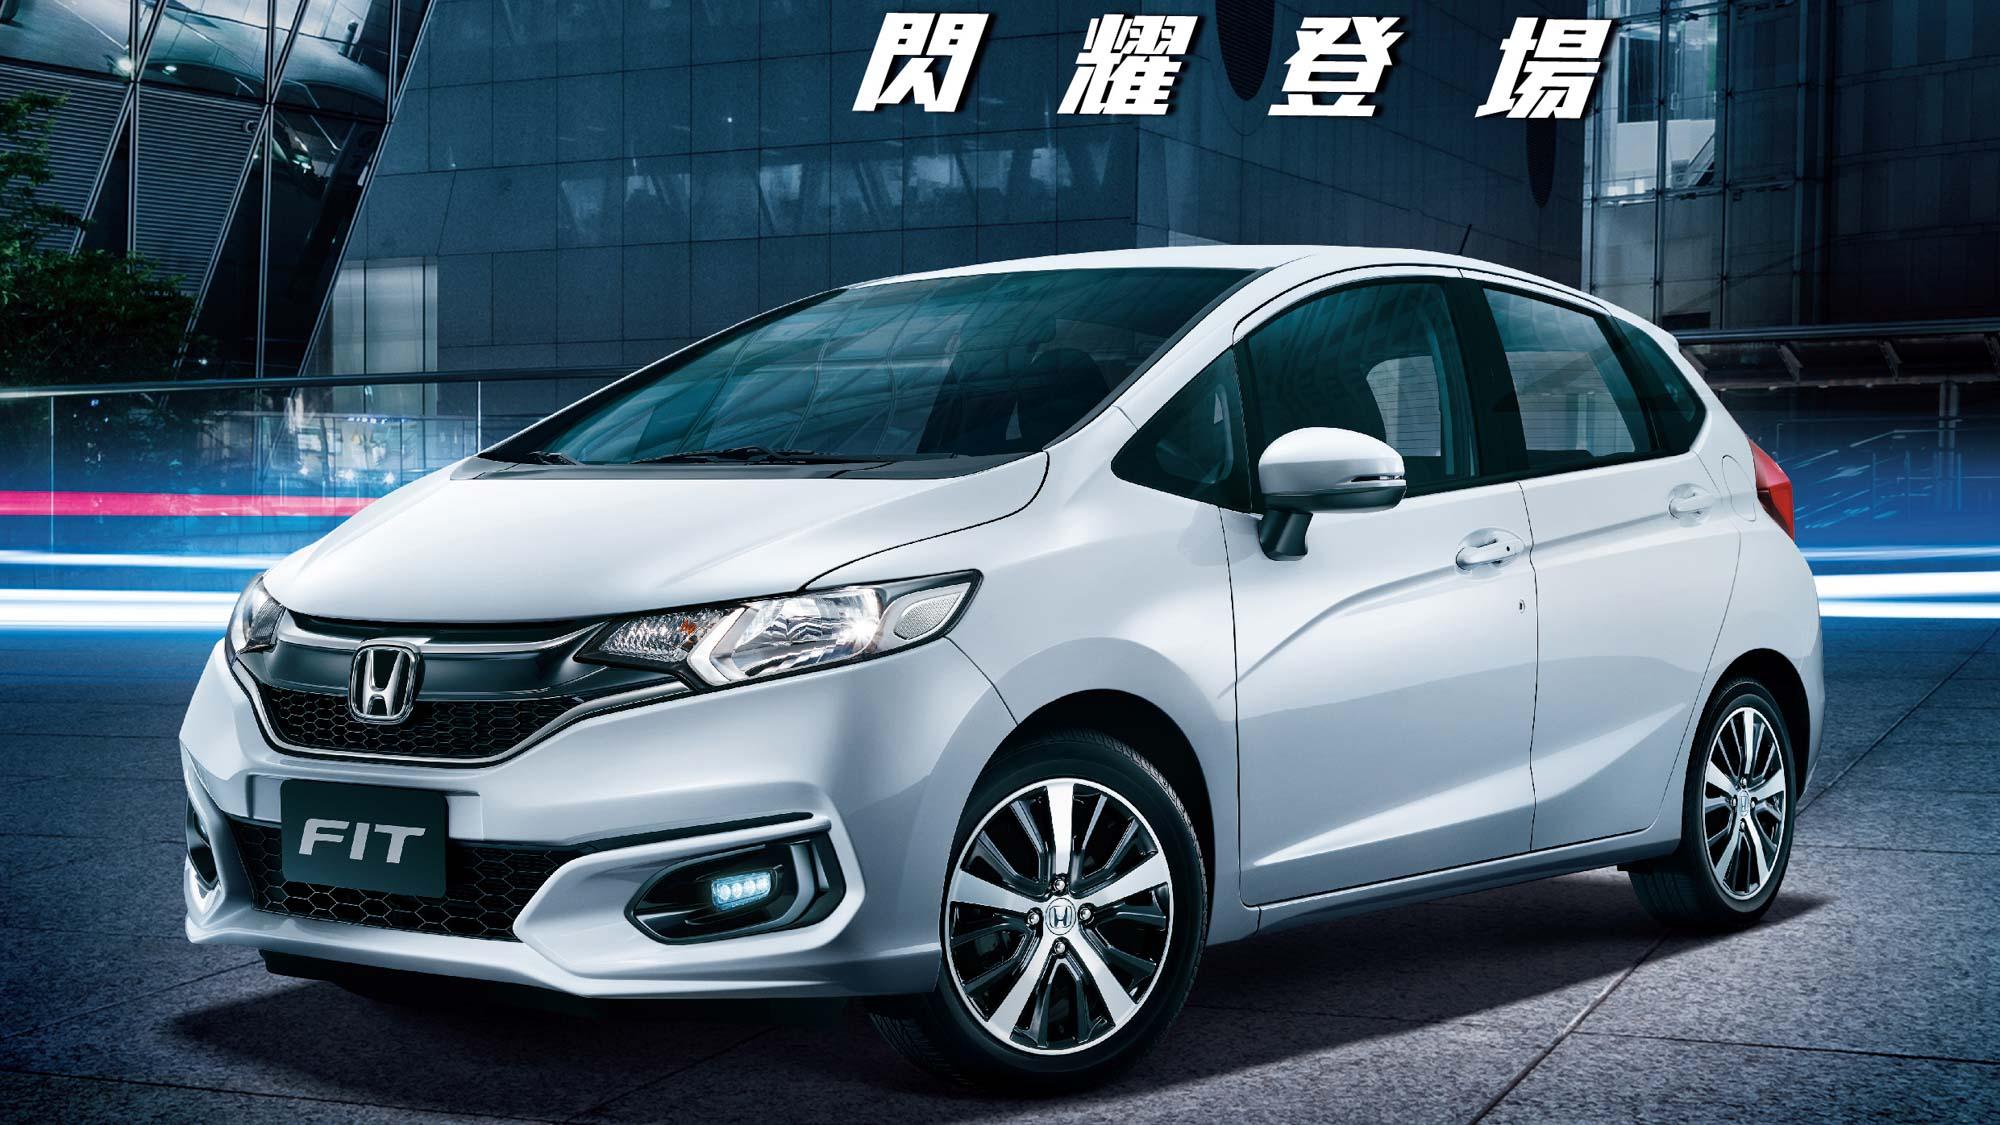 2020 年式 Honda Fit 登場!加裝 LED 晝行燈與自動頭燈